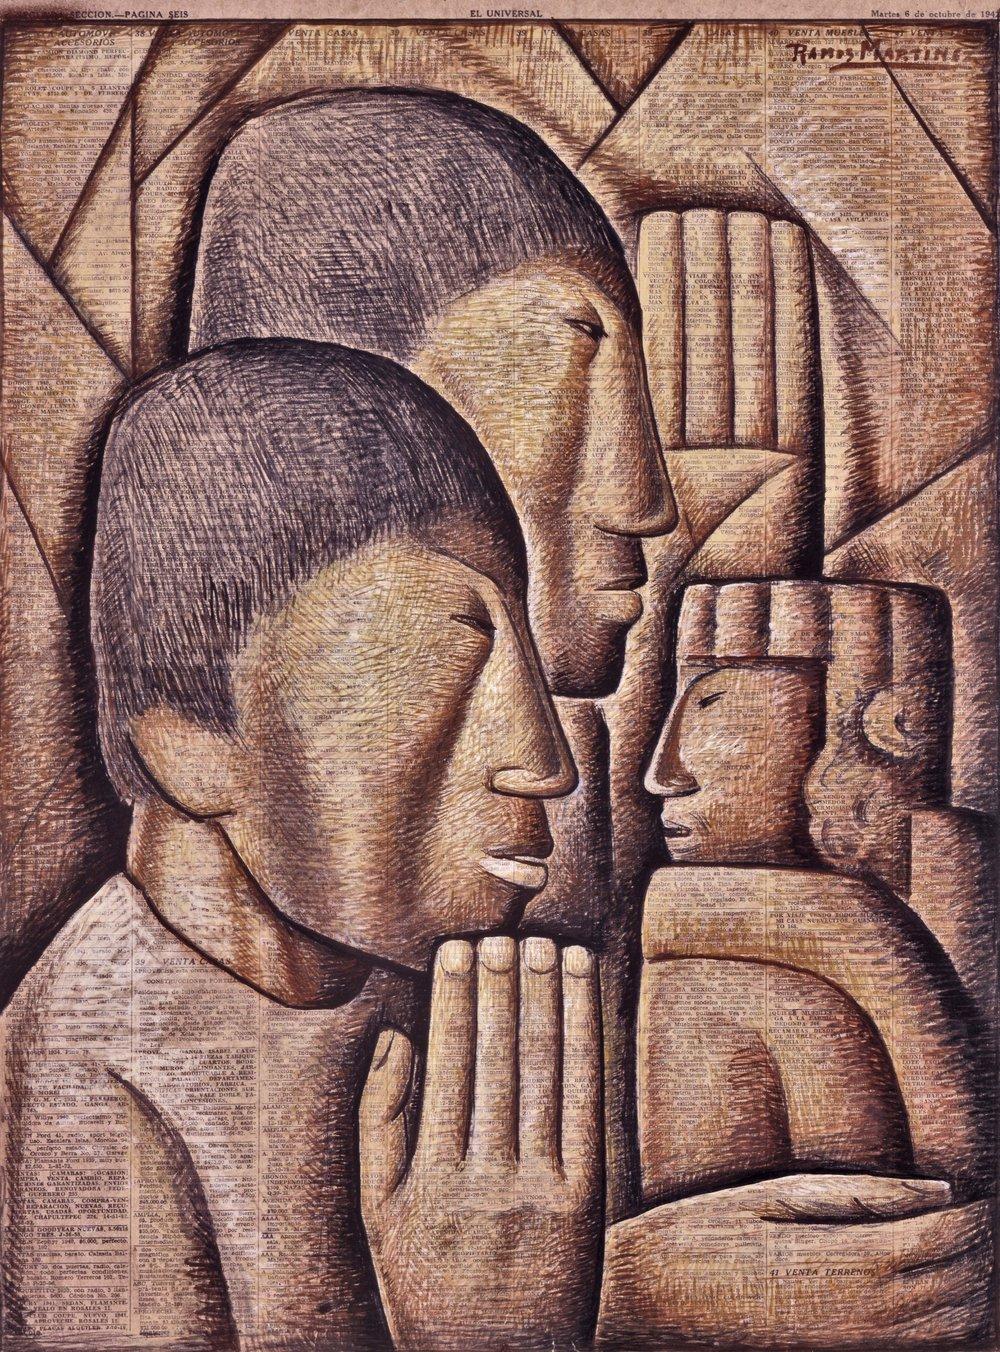 Adoración de Indios / Indians Worship  1942 gouache on newsprint / aguada sobre papel periódico 21.8 x 16 inches; 55.3 x 40.6 centímetros Phoenix Museum of Art